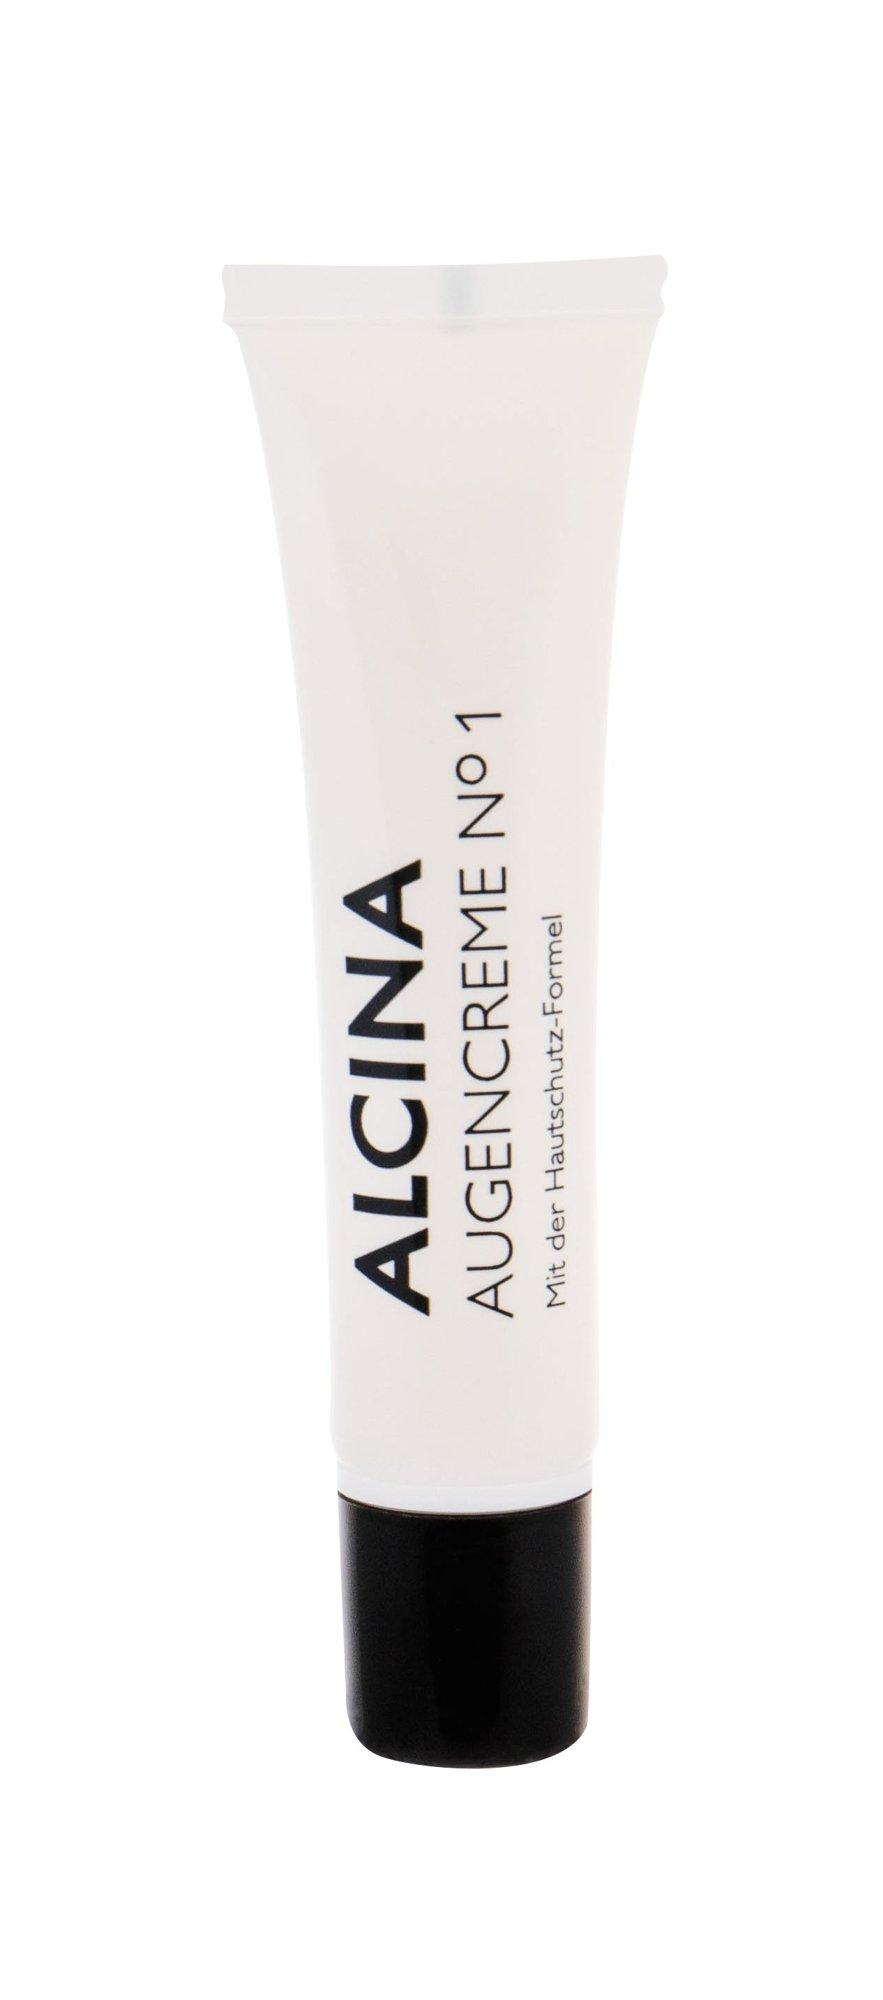 ALCINA N°1 Eye Cream 15ml